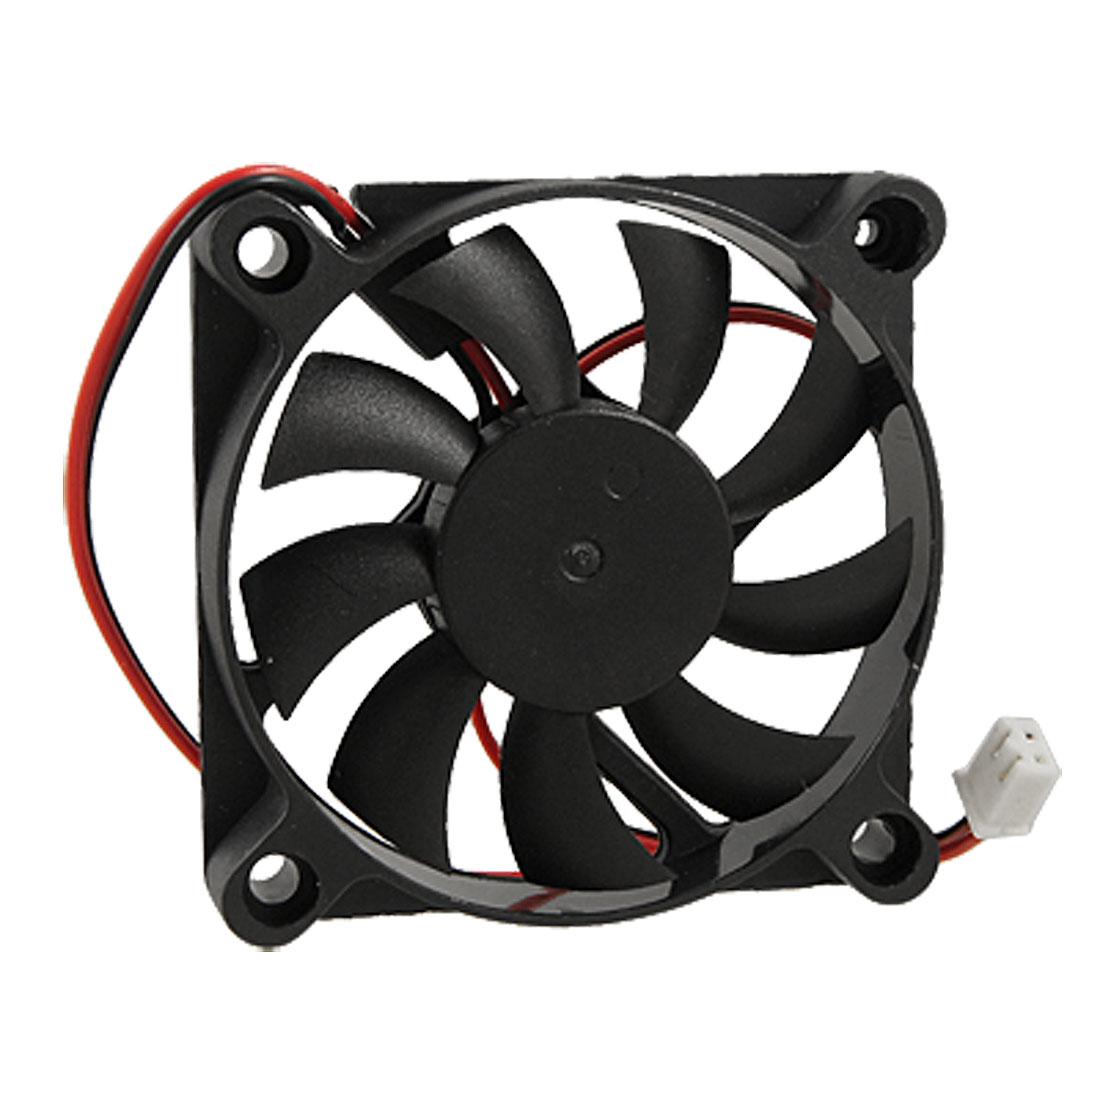 Desktop PC Case DC 12V 016A 60mm 2 Pin Cooler Cooling Fan